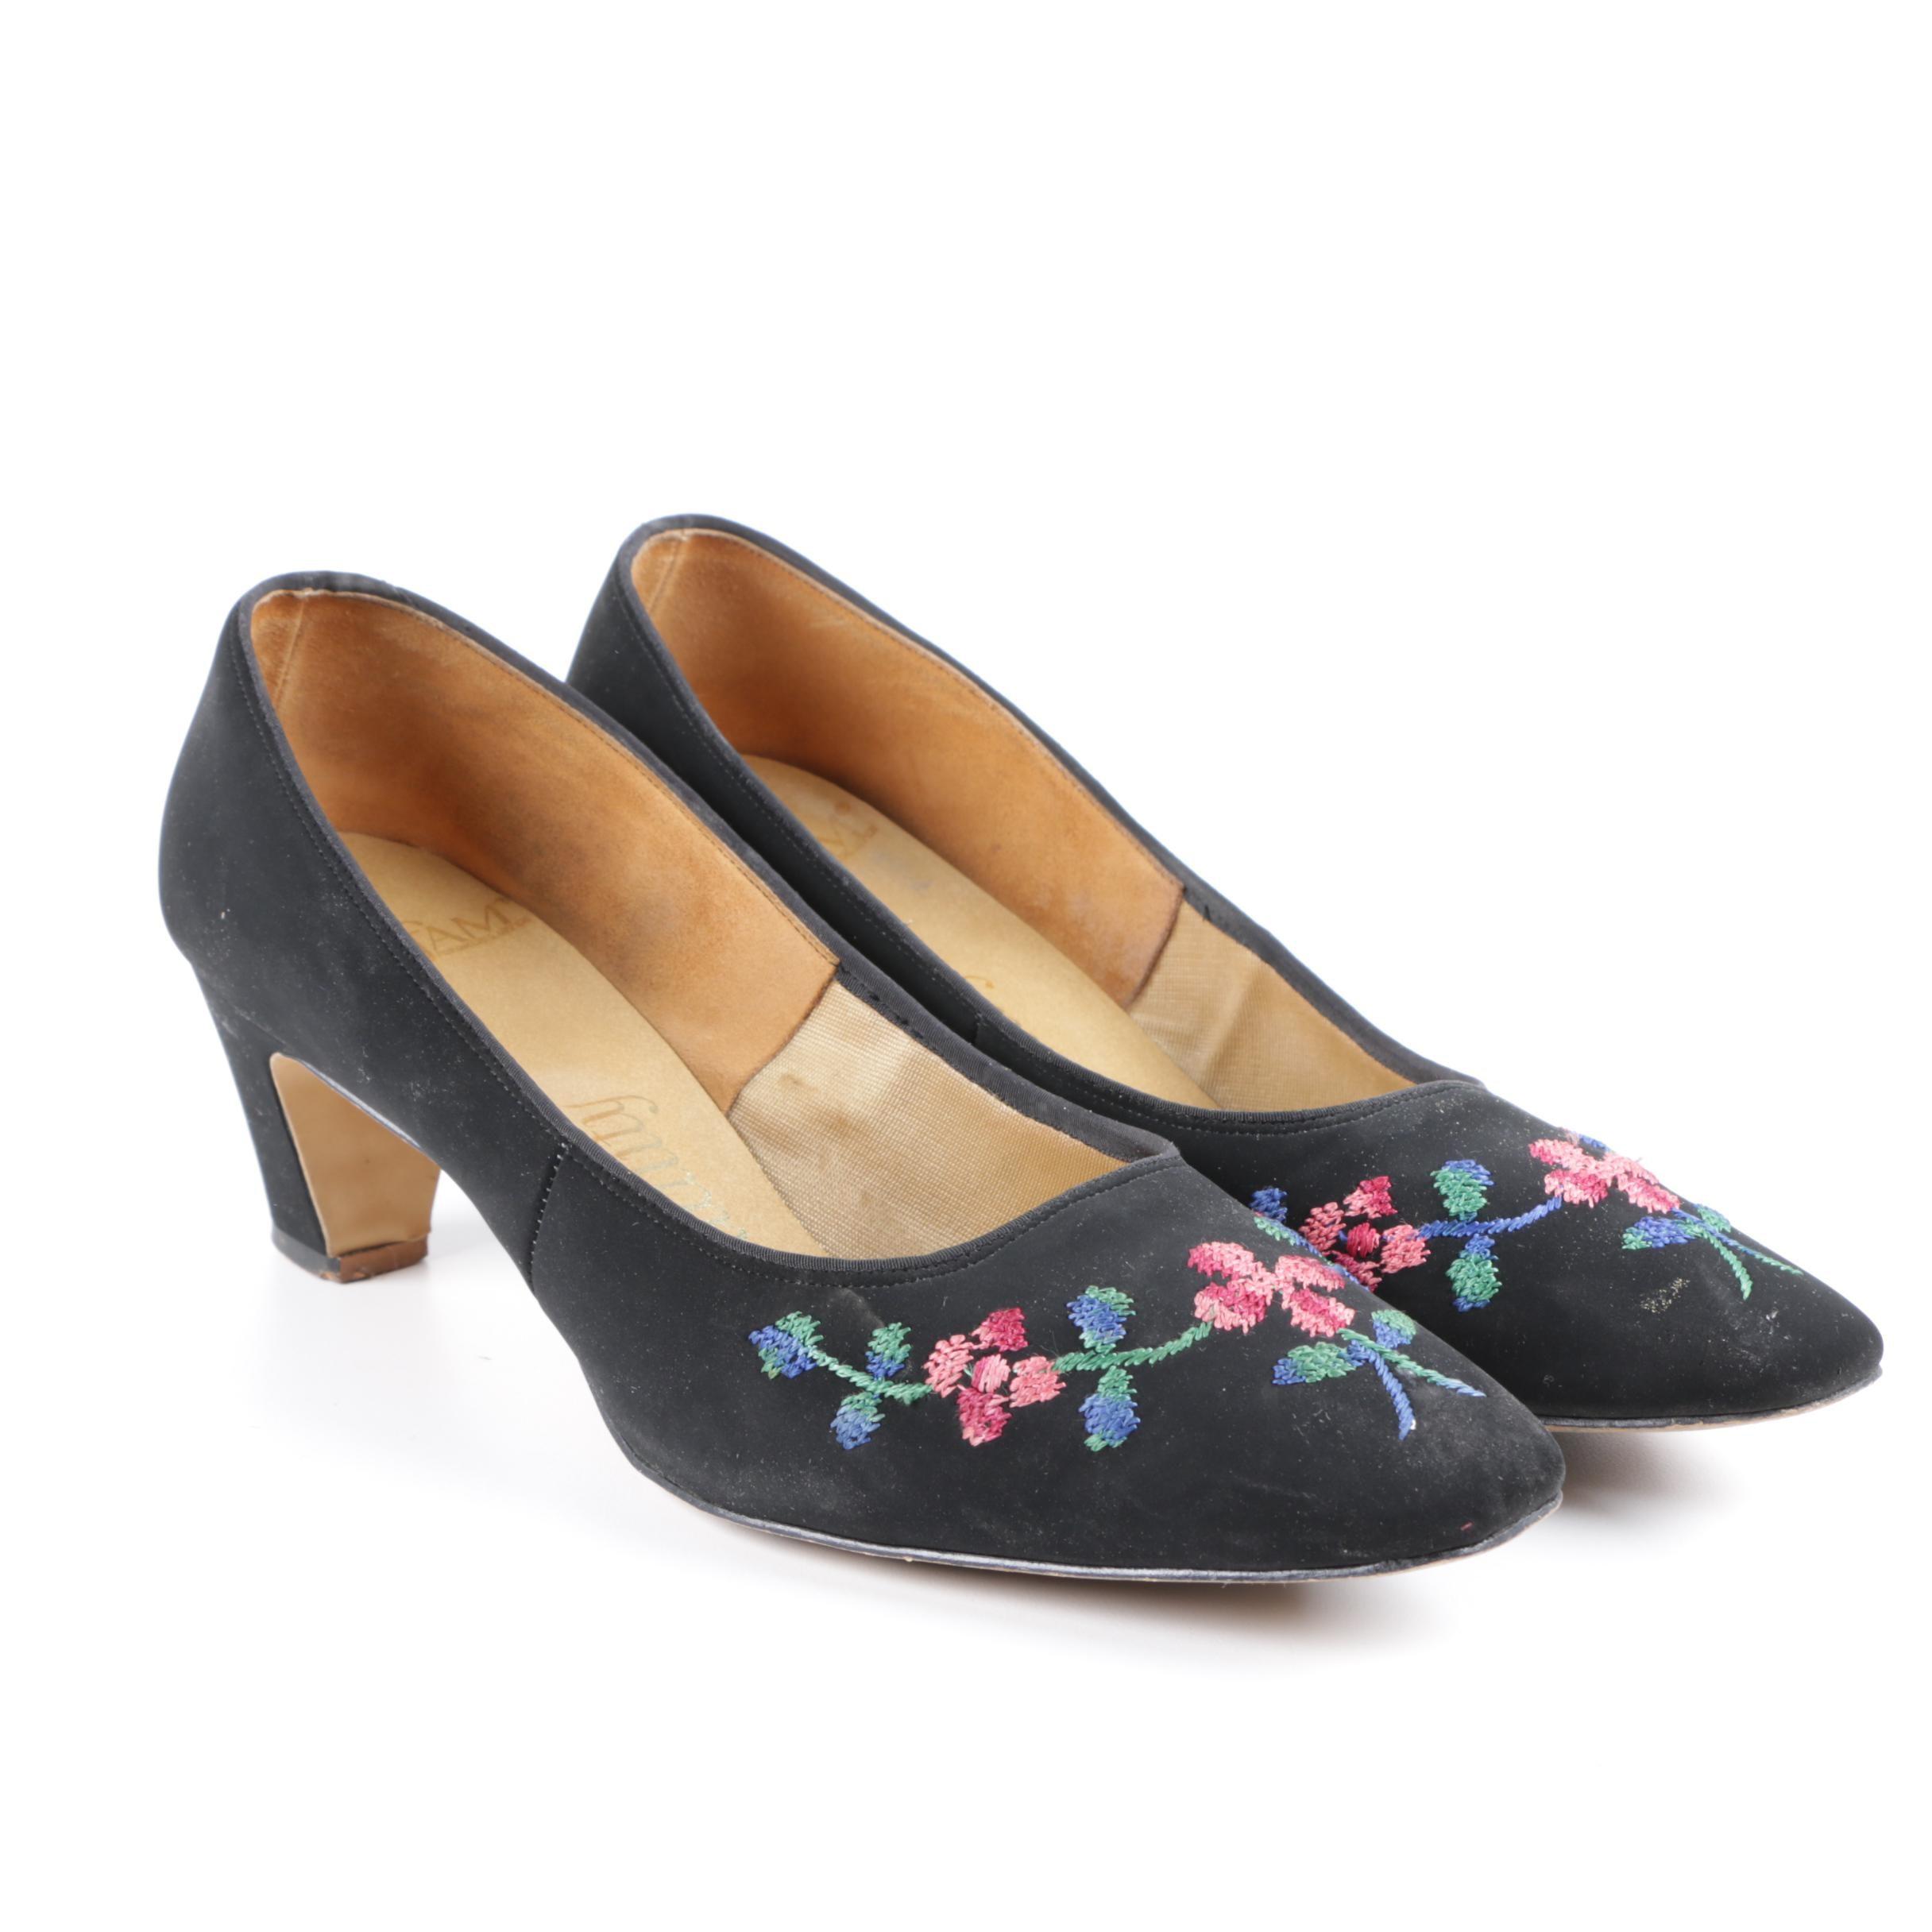 Women's Vintage Embellished High Heels